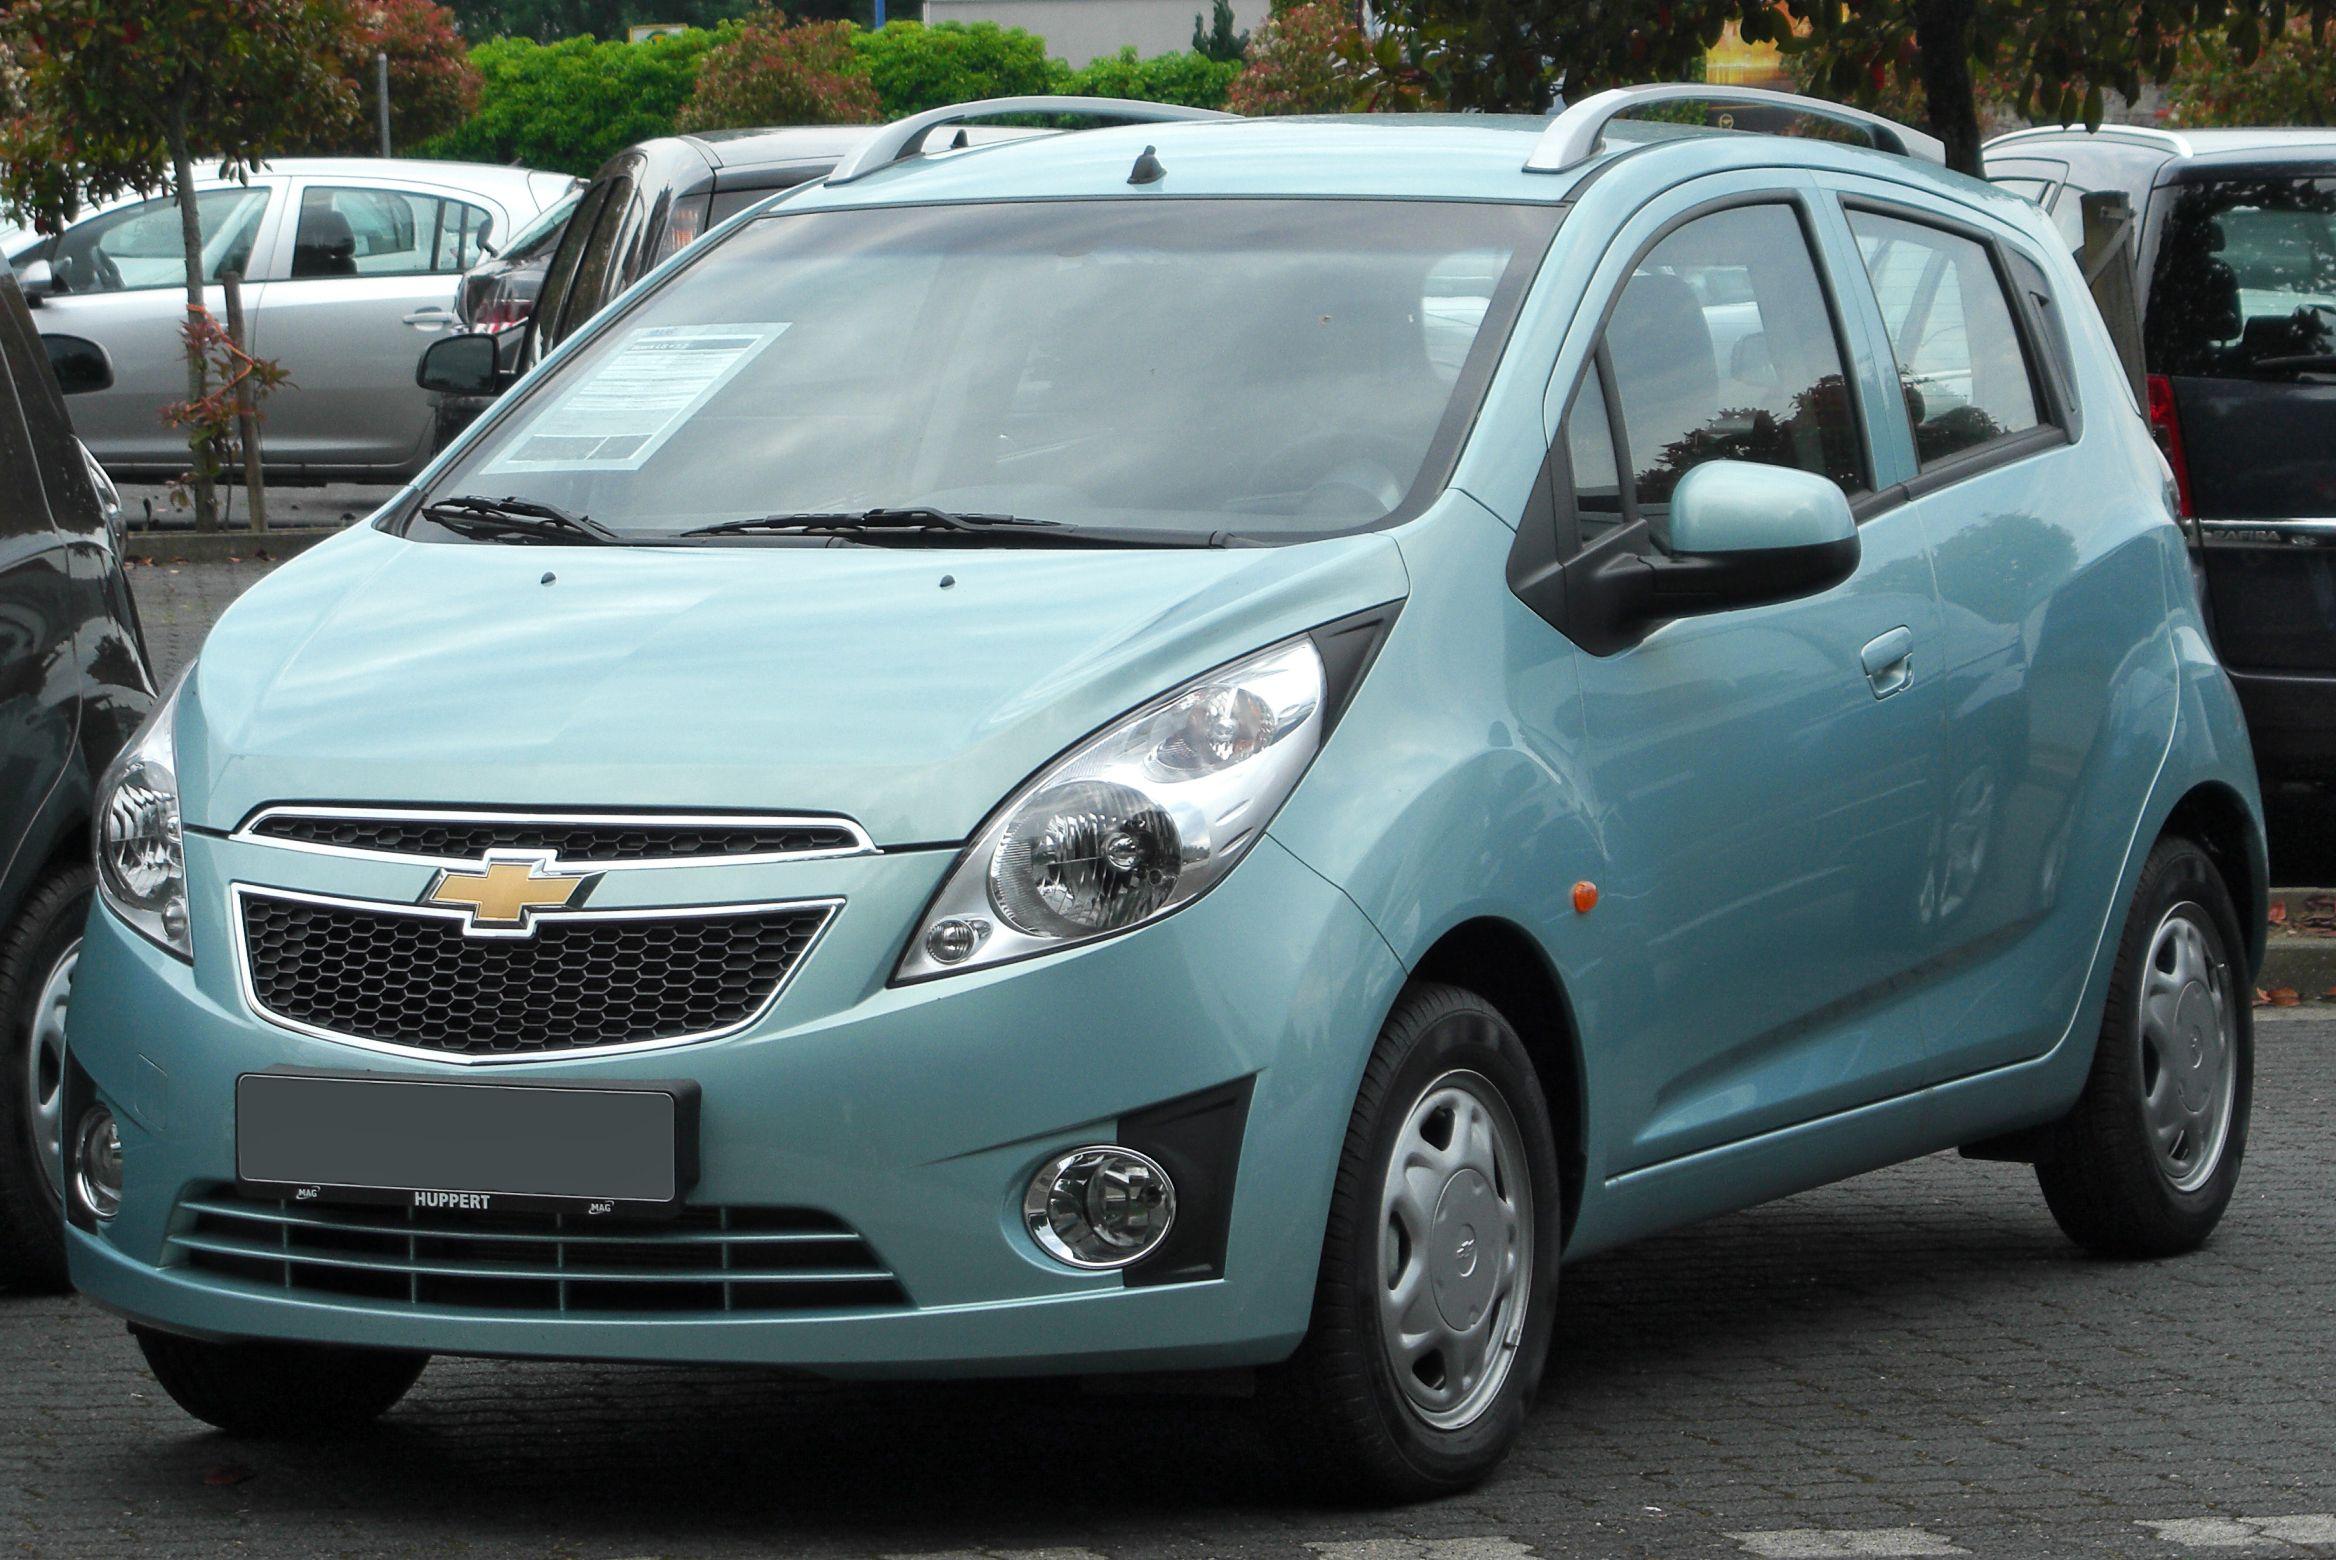 Chevrolet Spark Daewoo Matiz Chevrolet Spark Chevrolet